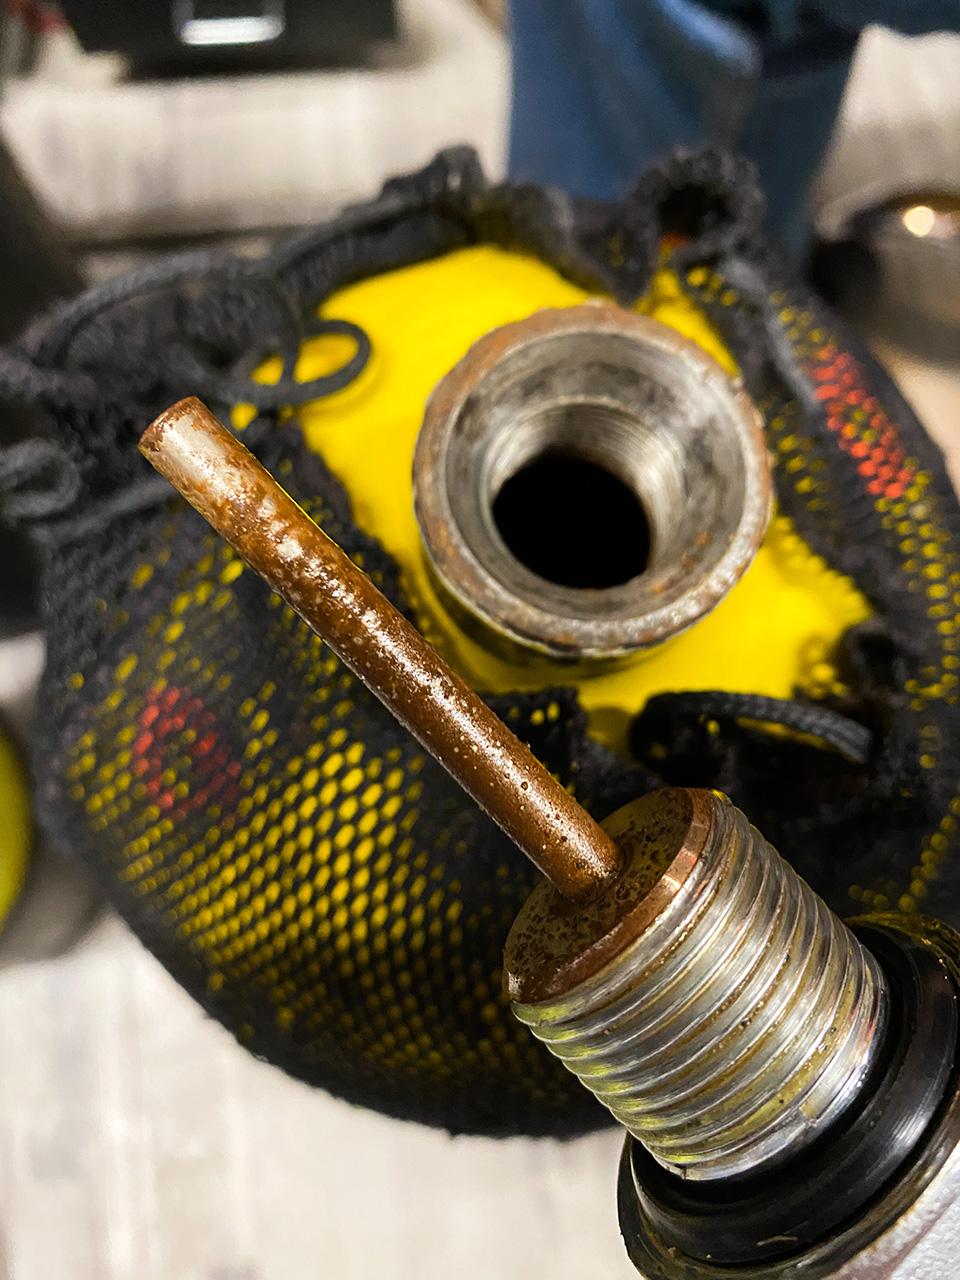 ALBE | Revize a servis tlakových lahví - ukázka zrezlé láhve